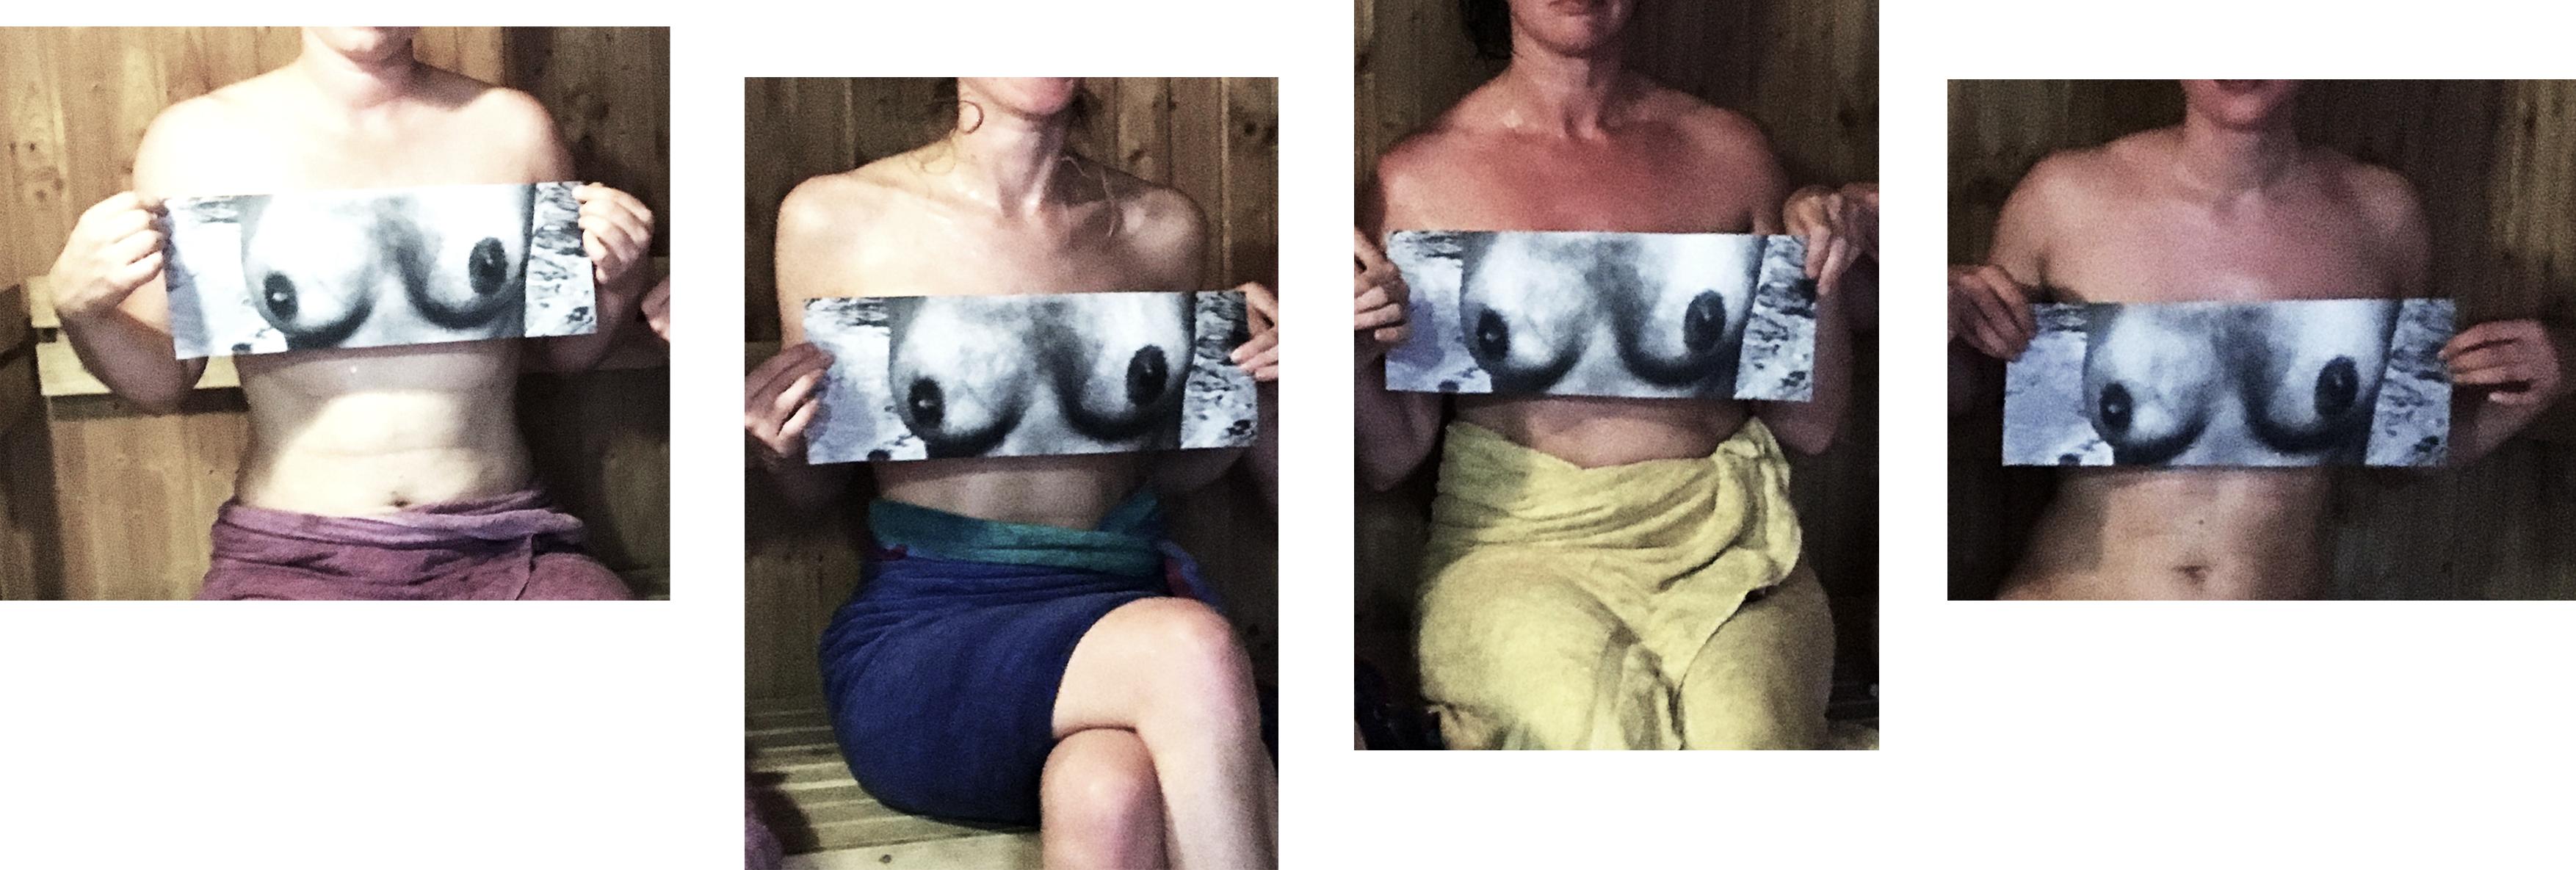 dominerande ledsagare naken nära Malmö